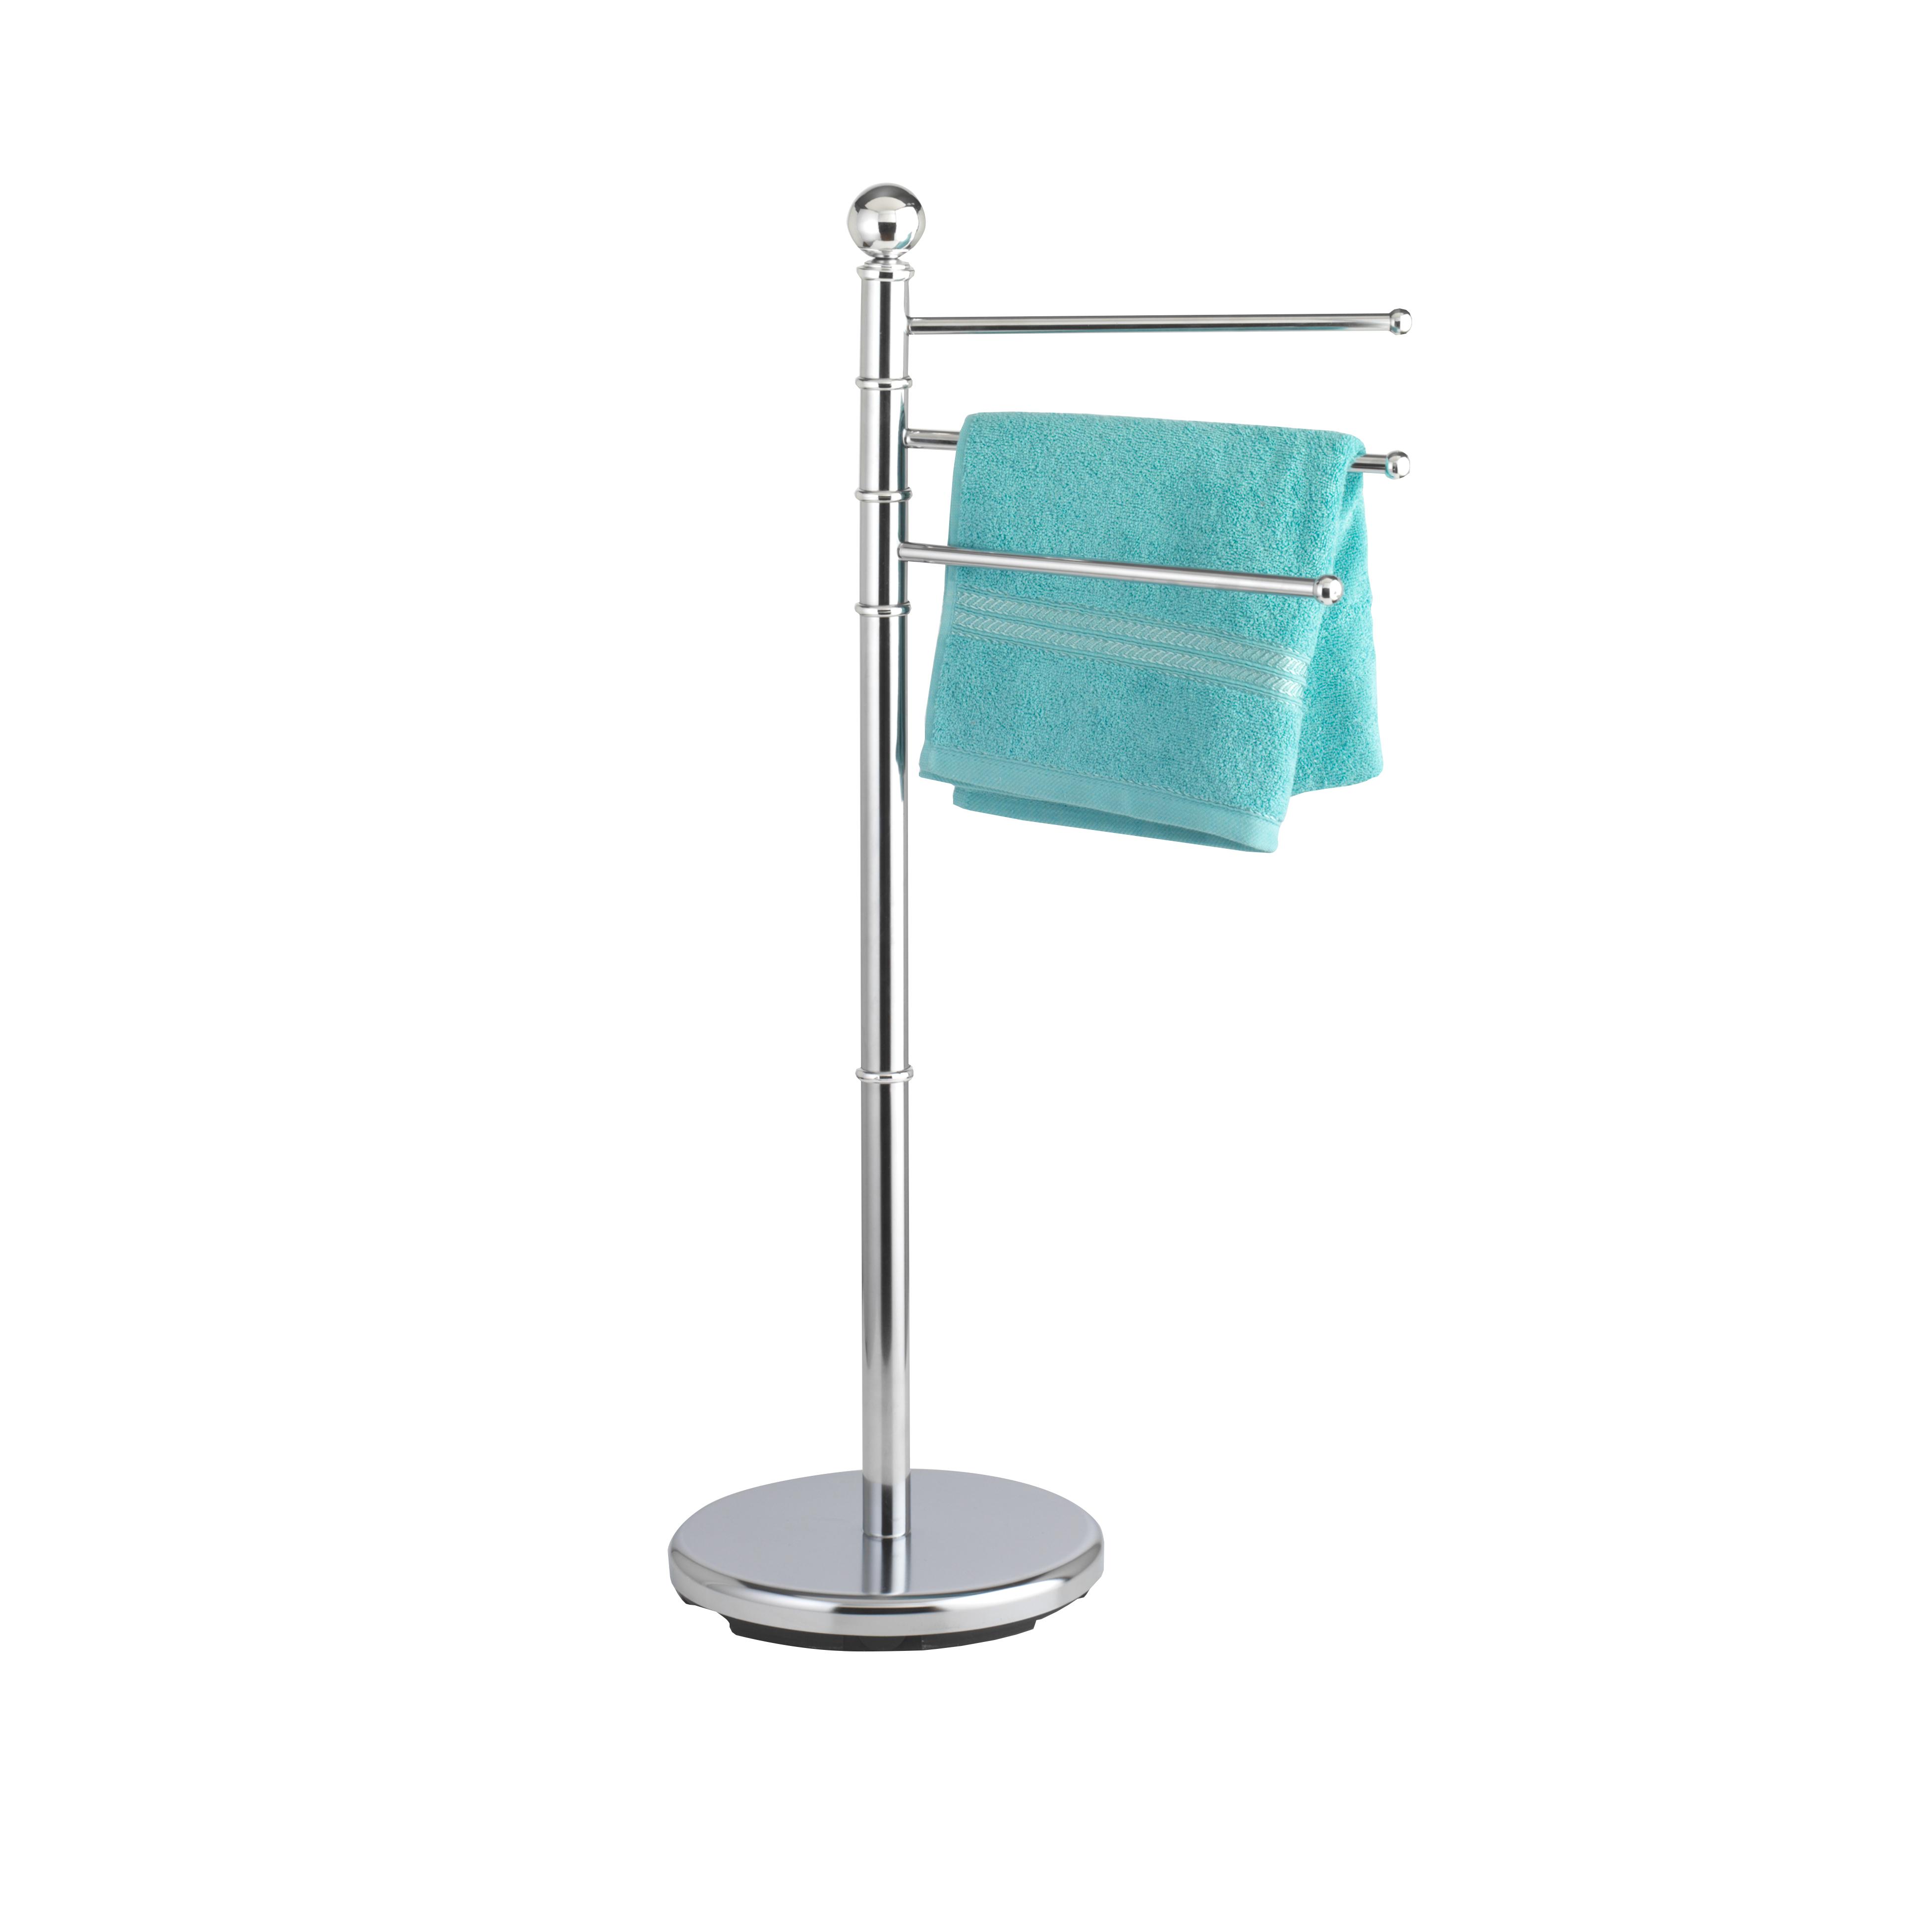 Вешалка для полотенец Axentia, напольная68/5/3Напольная вешалка в виде овала Axentia изготовлена из высококачественной хромированной стали, устойчивой к коррозии в условиях высокой влажности в ванной комнате. Вешалка оснащена 3 вращающимися планками. Изделие предназначено для подвешивания полотенец и имеет утяжеленное основание для повышенной устойчивости.Высота вешалки: 91 см.